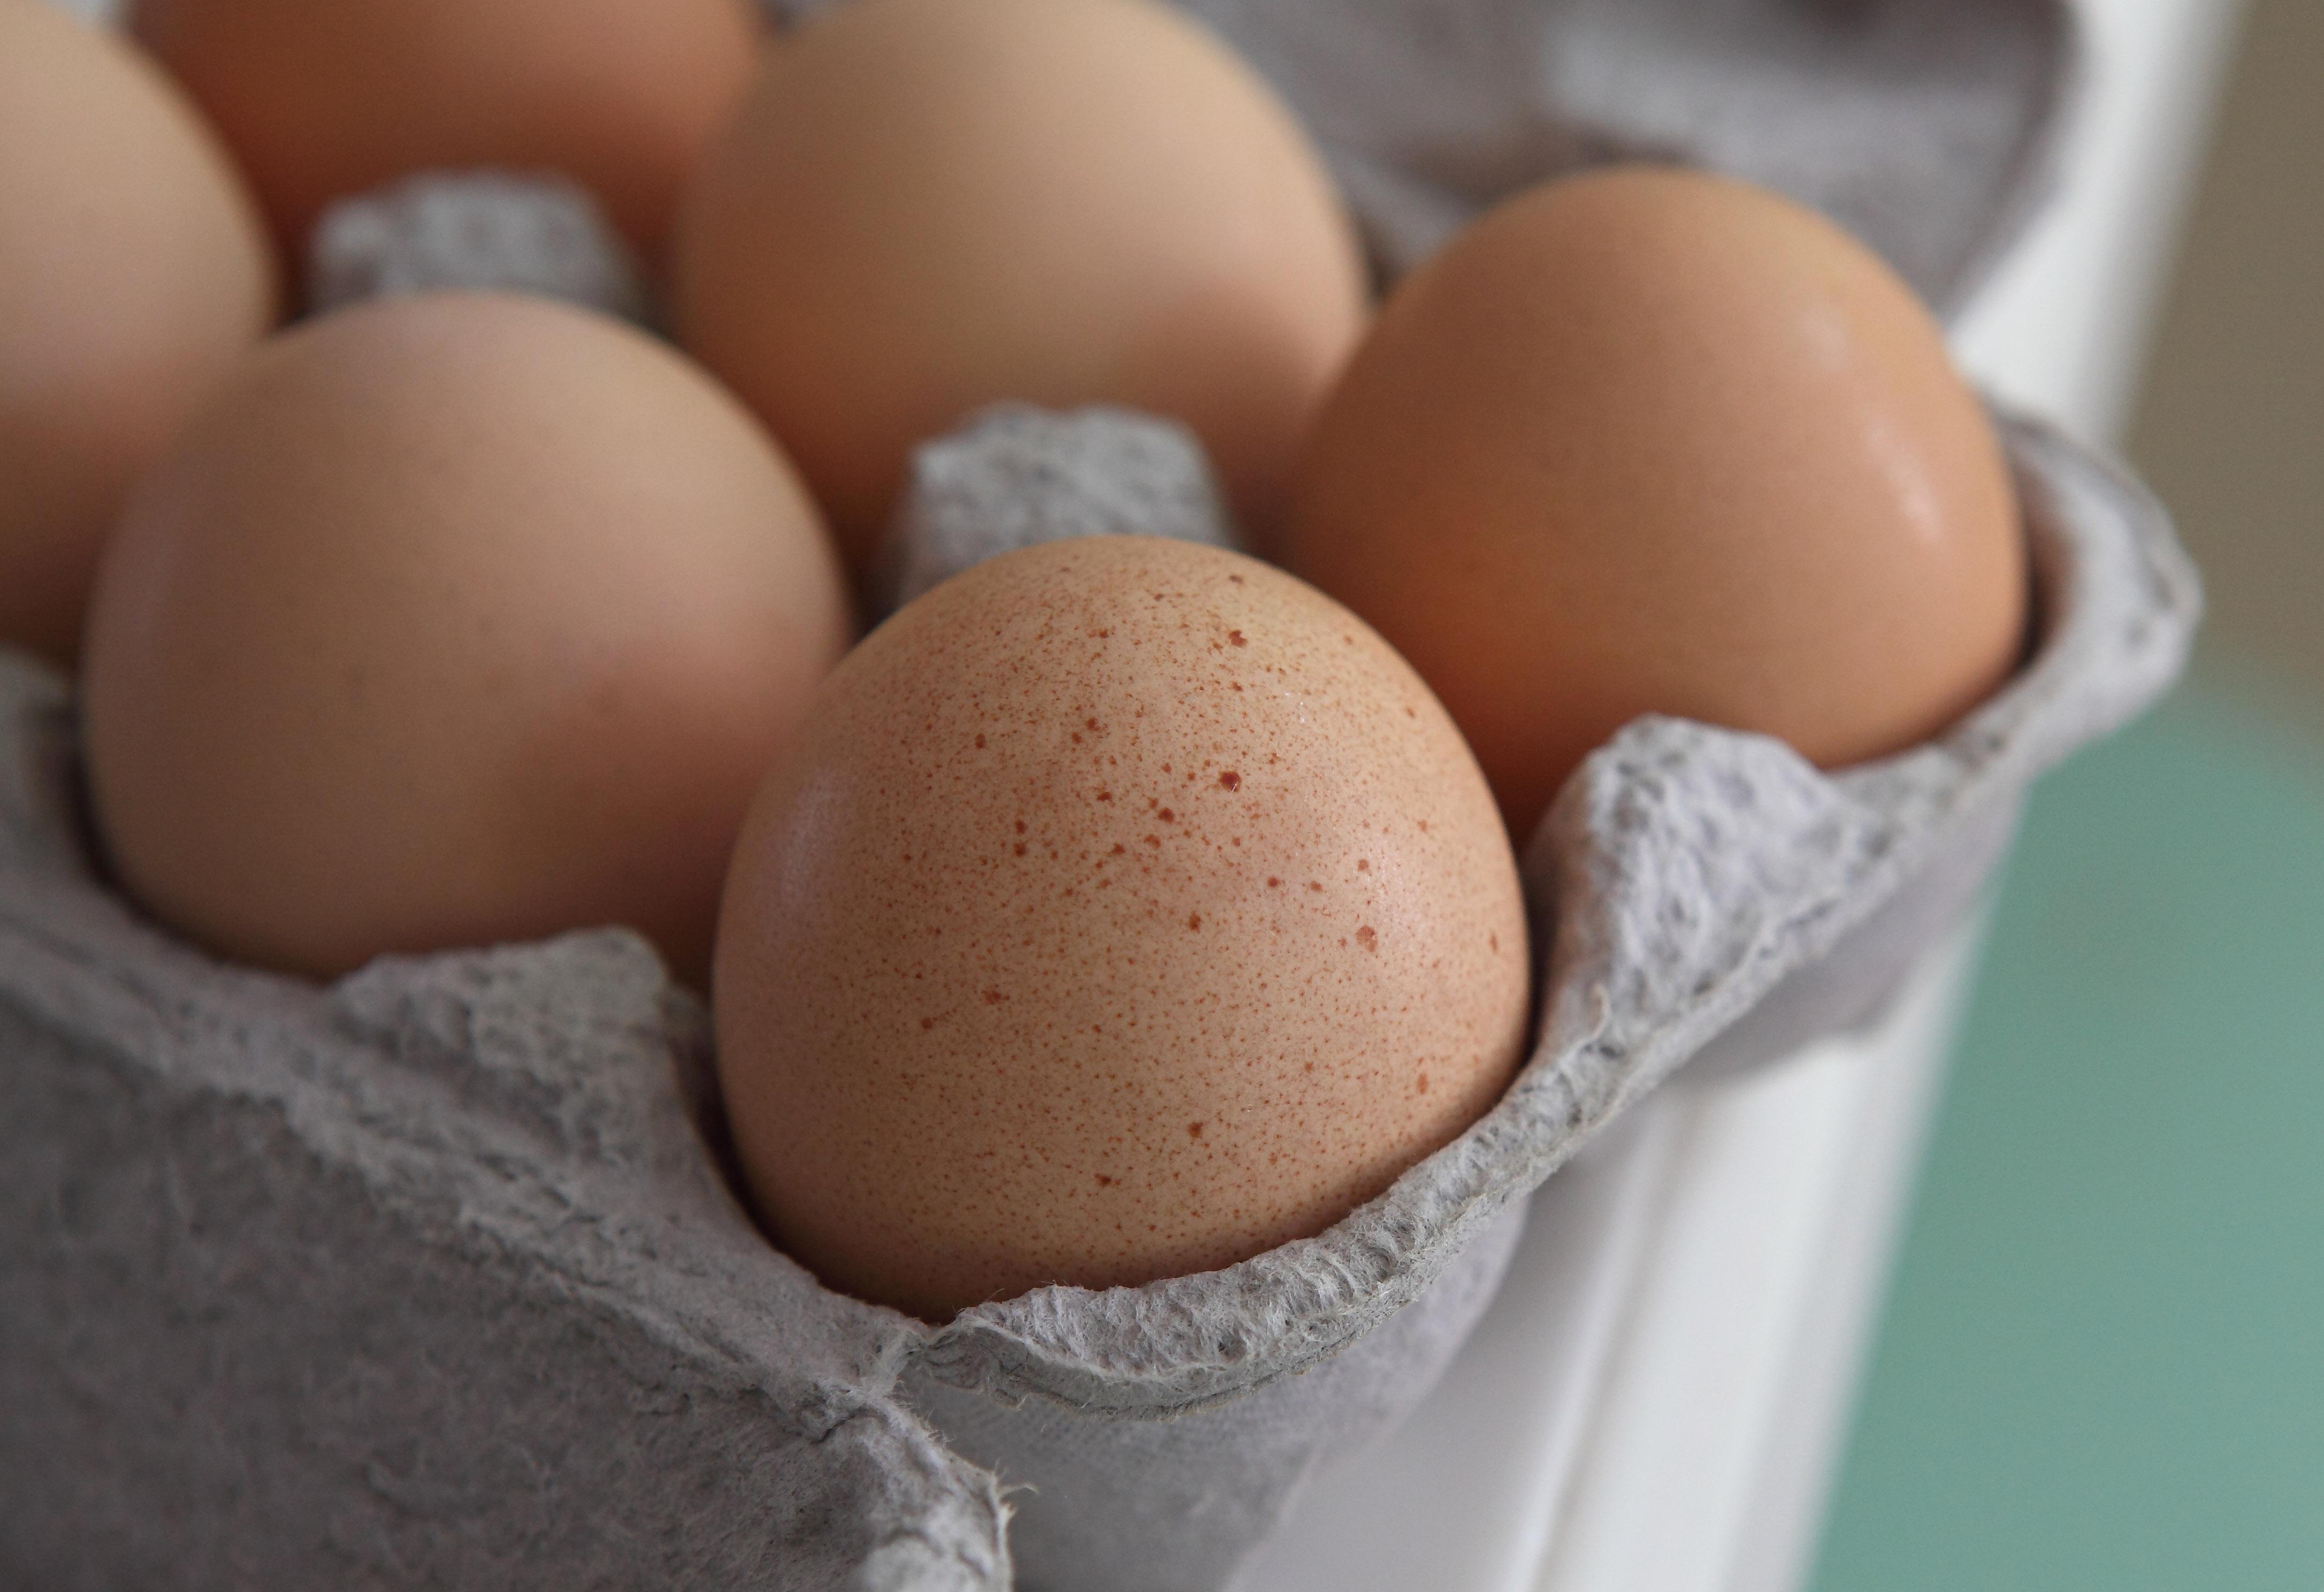 Cate oua putem manca? Sfaturile medicilor, rasturnate de un nou studiu